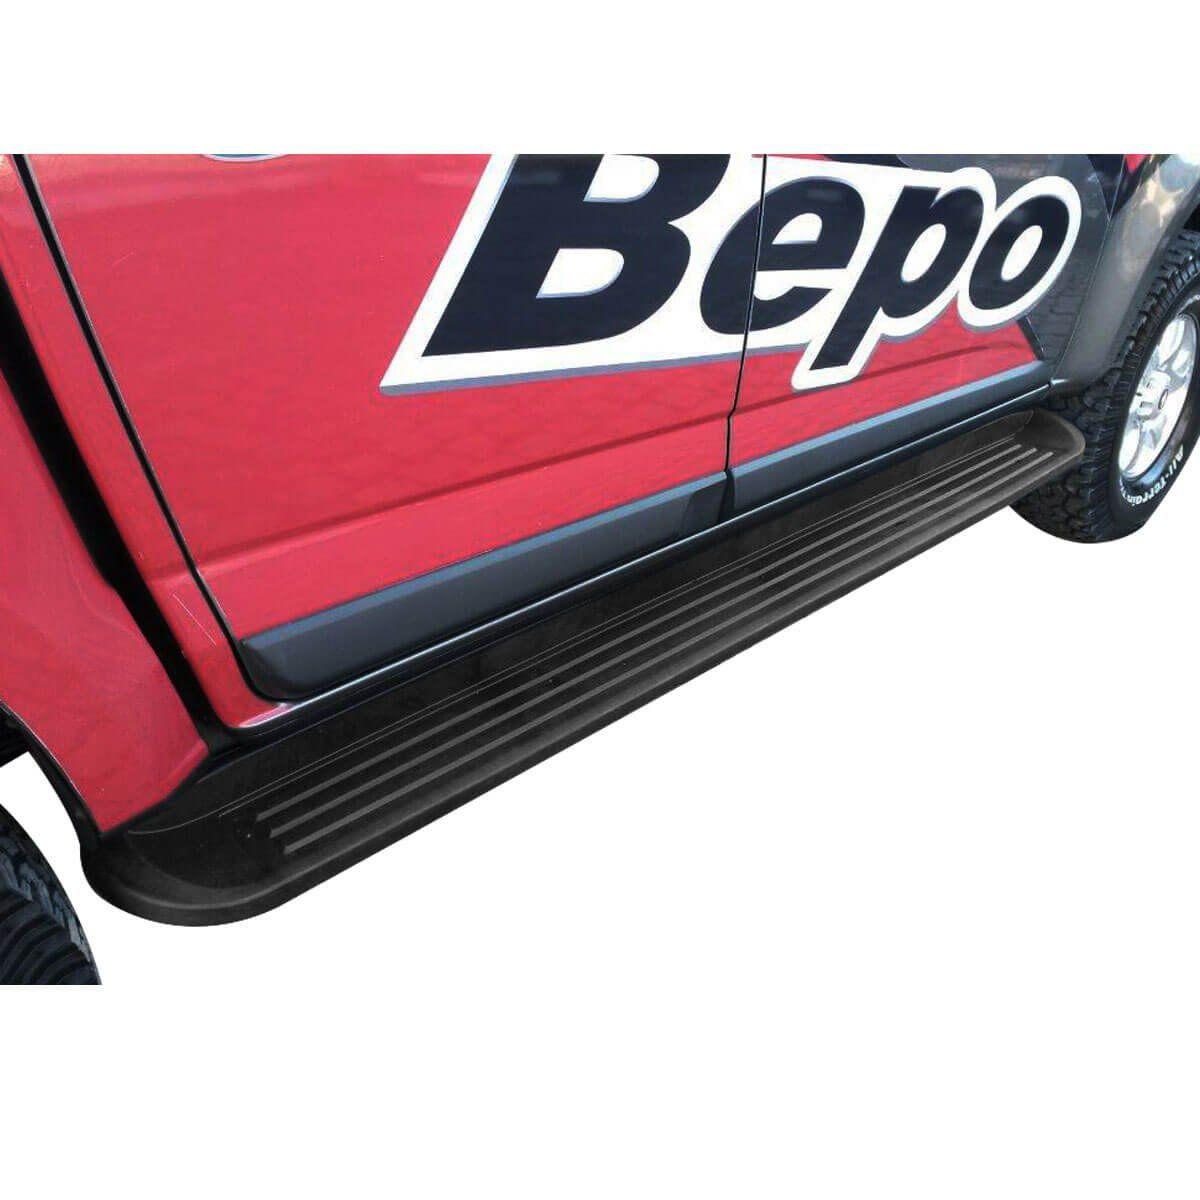 Estribo Nova S10 cabine dupla 2012 a 2020 semelhante original Bepo